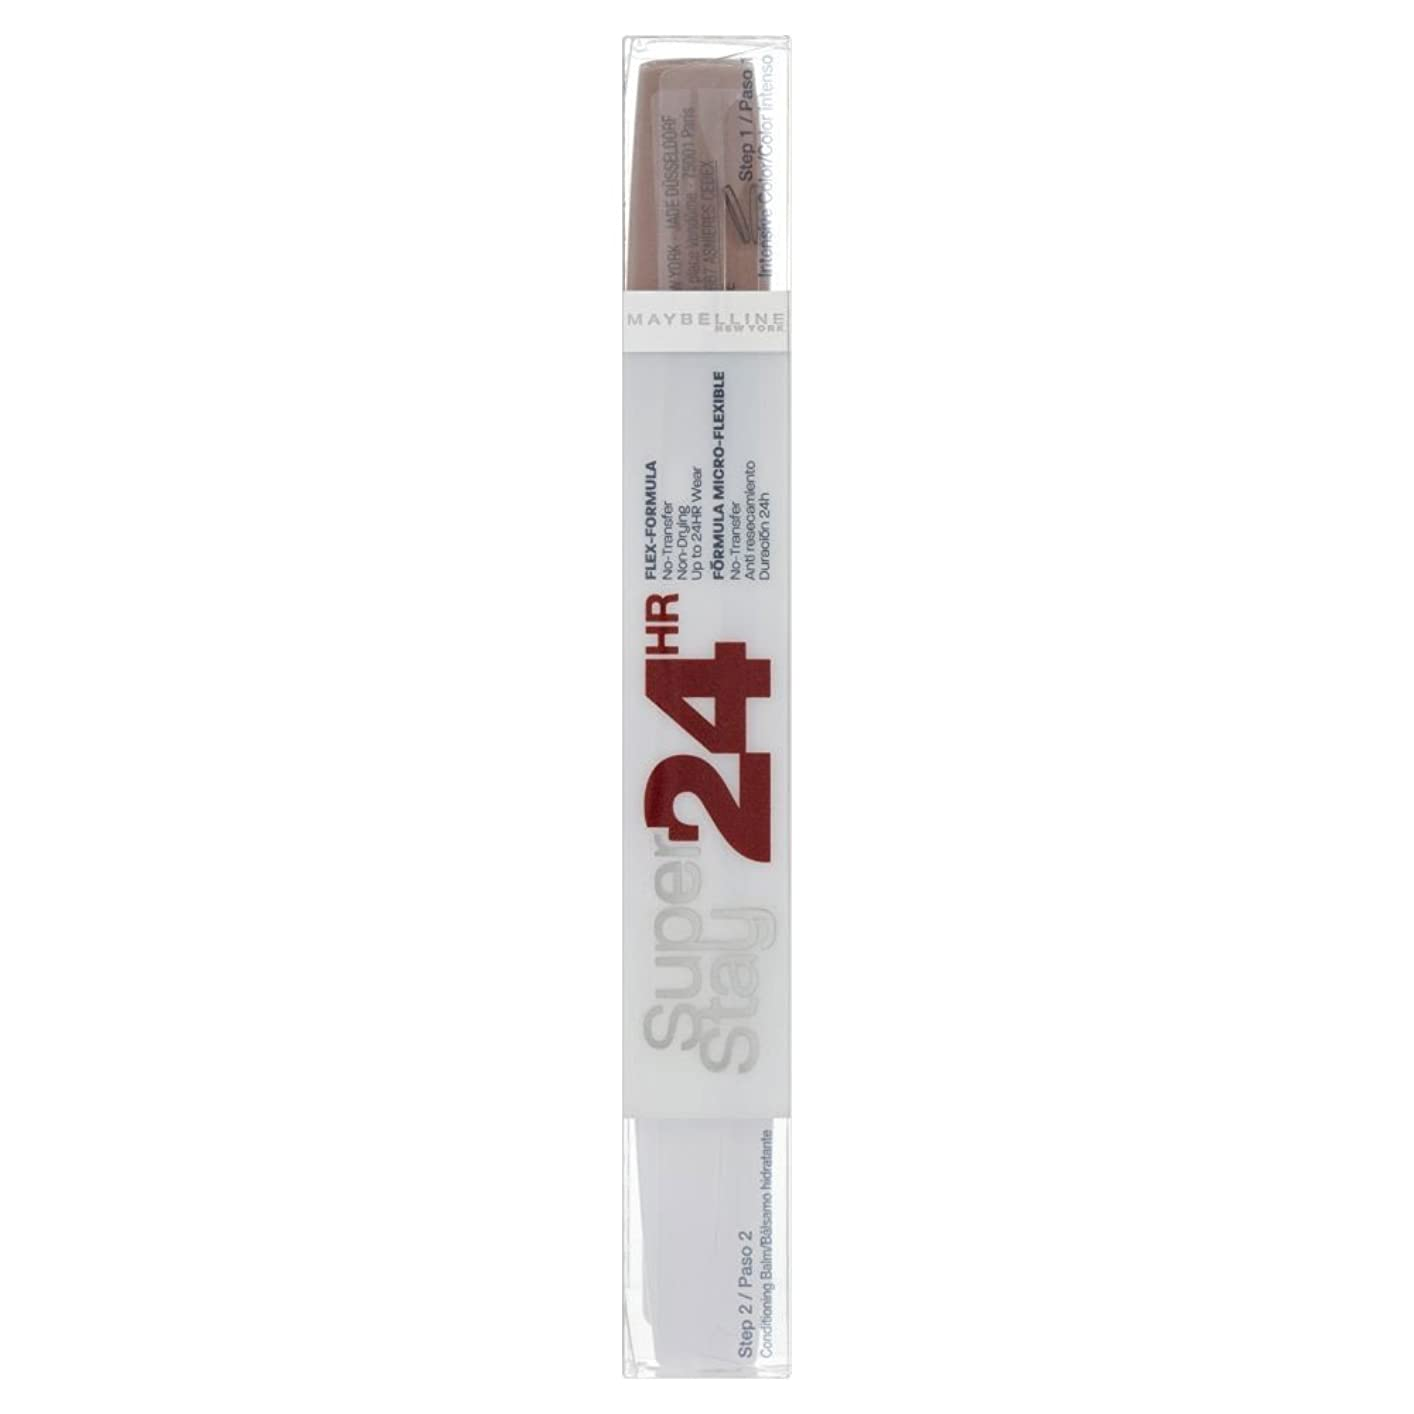 ブッシュ気付く契約するMaybelline Superstay 24 Hour Lipcolour - 615 Soft Taupe メイベリンsuperstay 24時間lipcolour - 615ソフトトープ [並行輸入品]